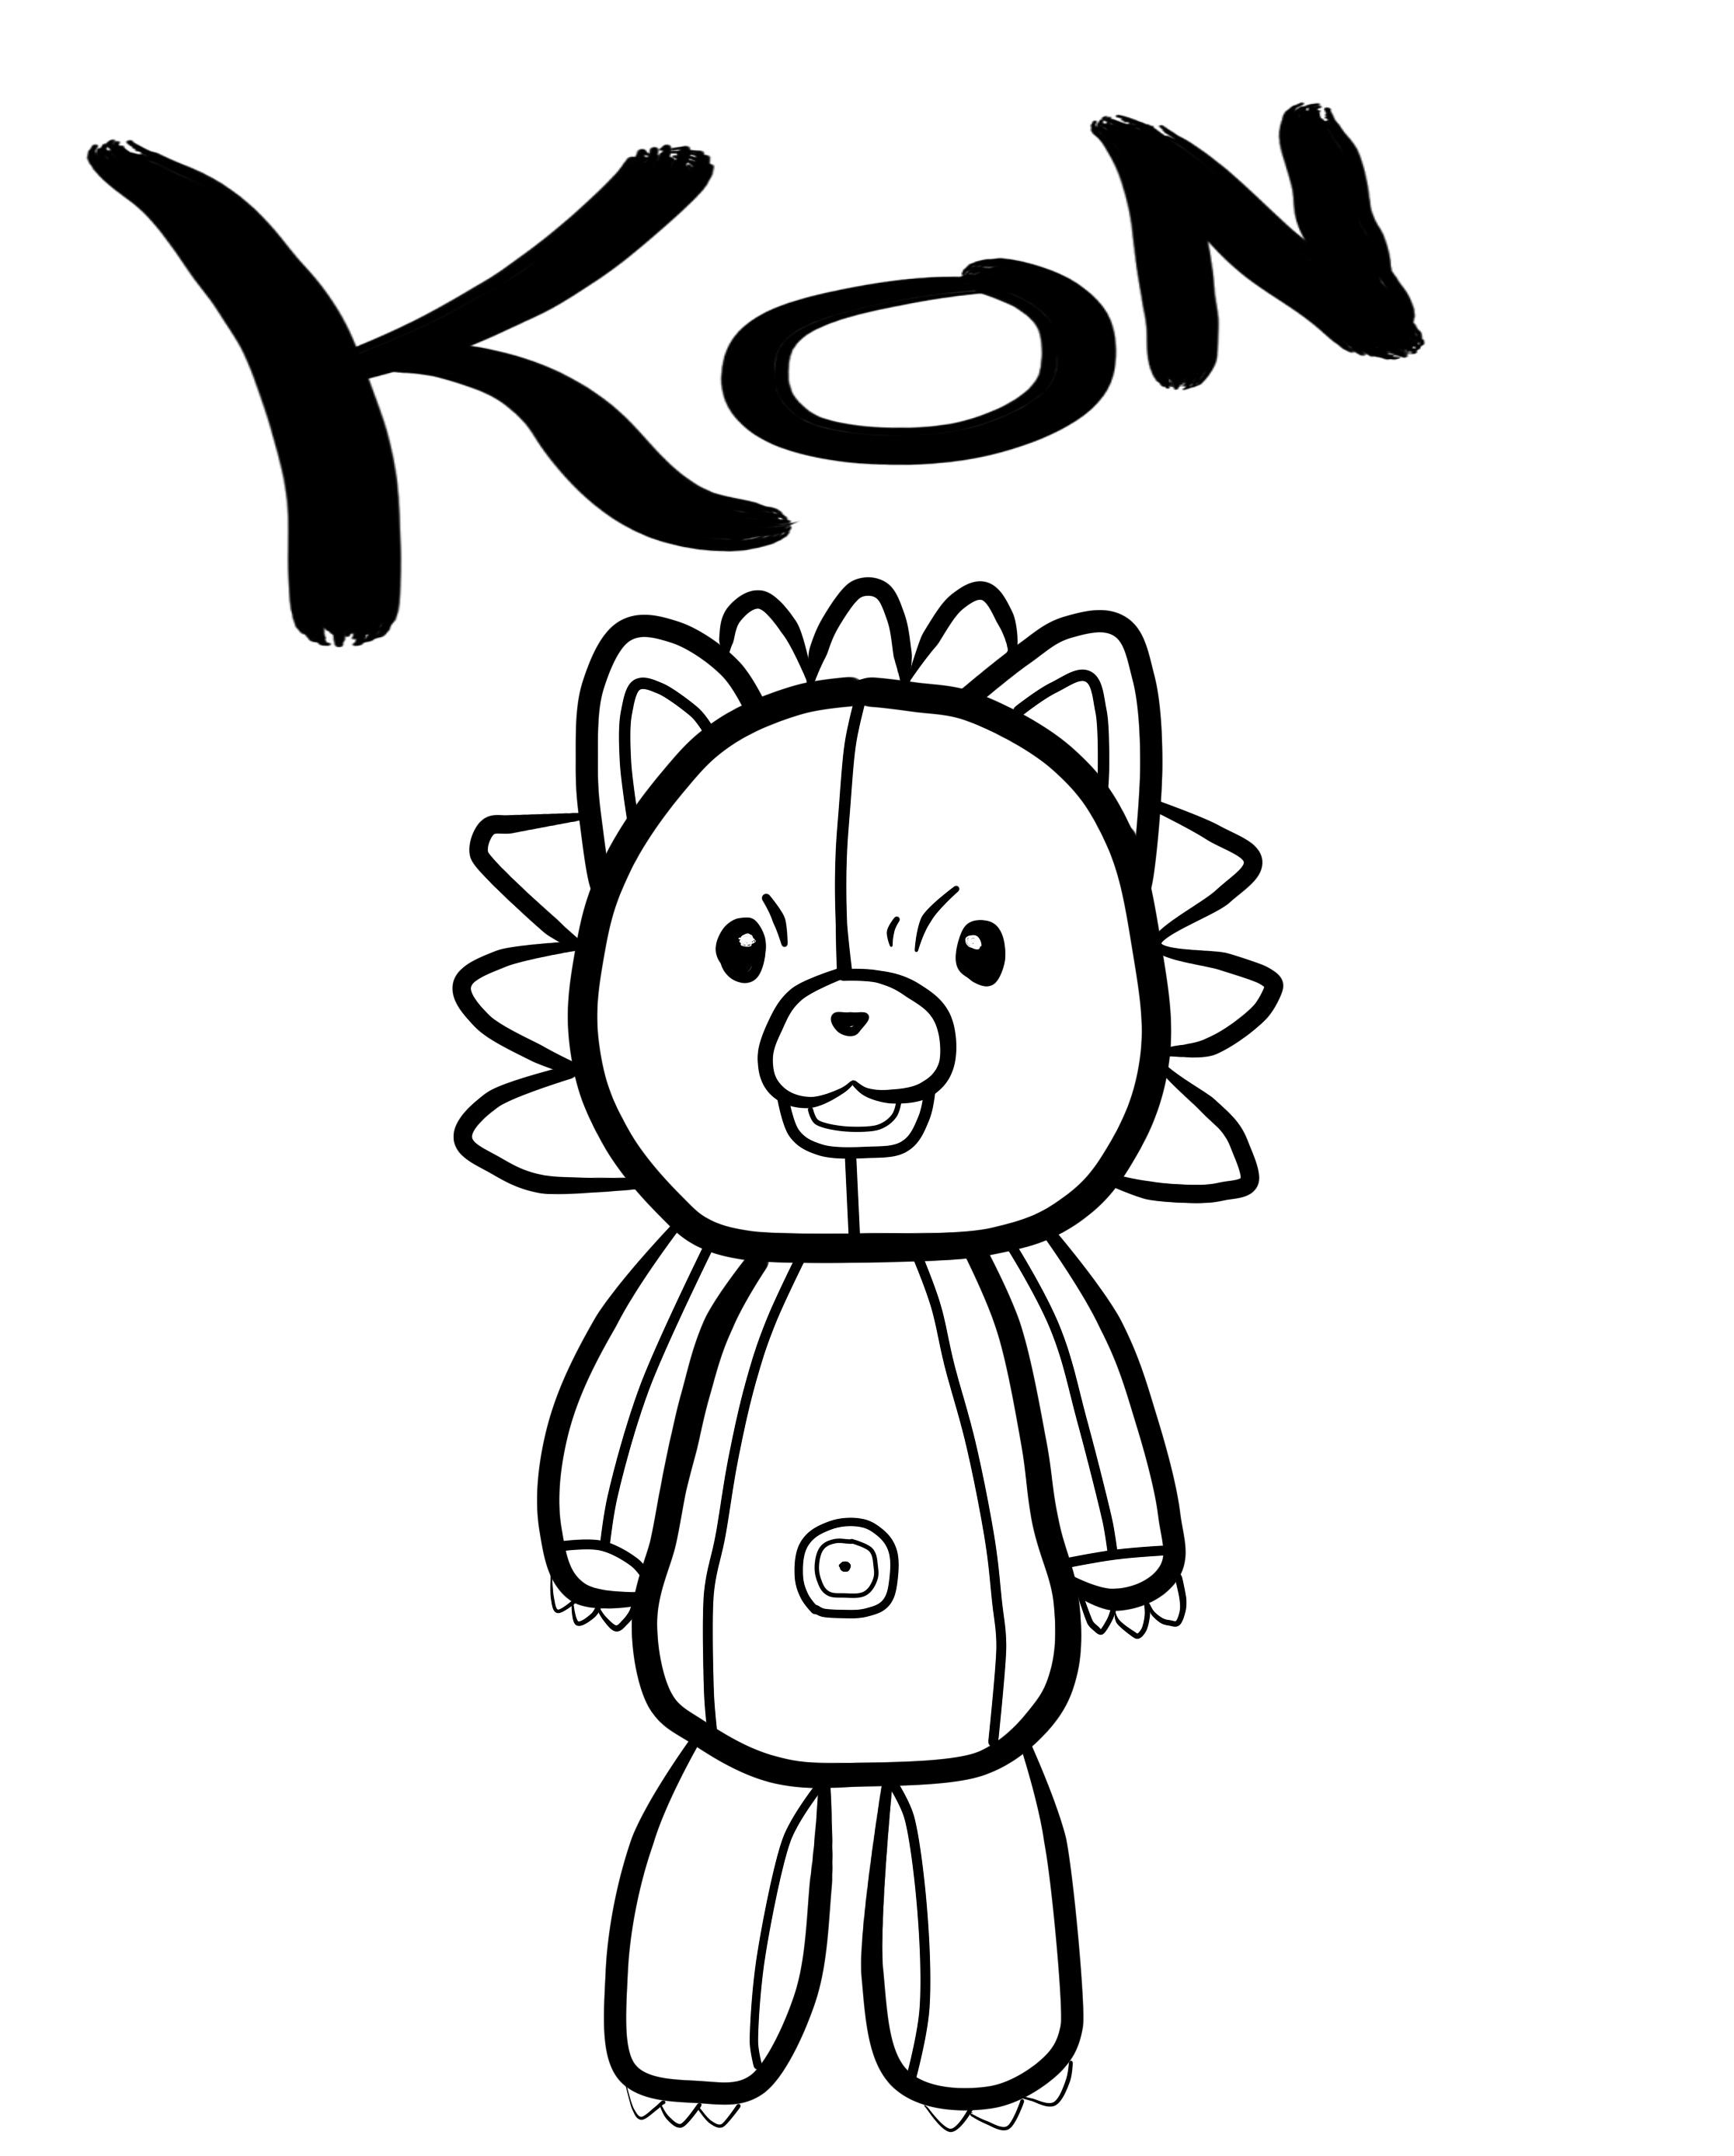 KON - Bleach